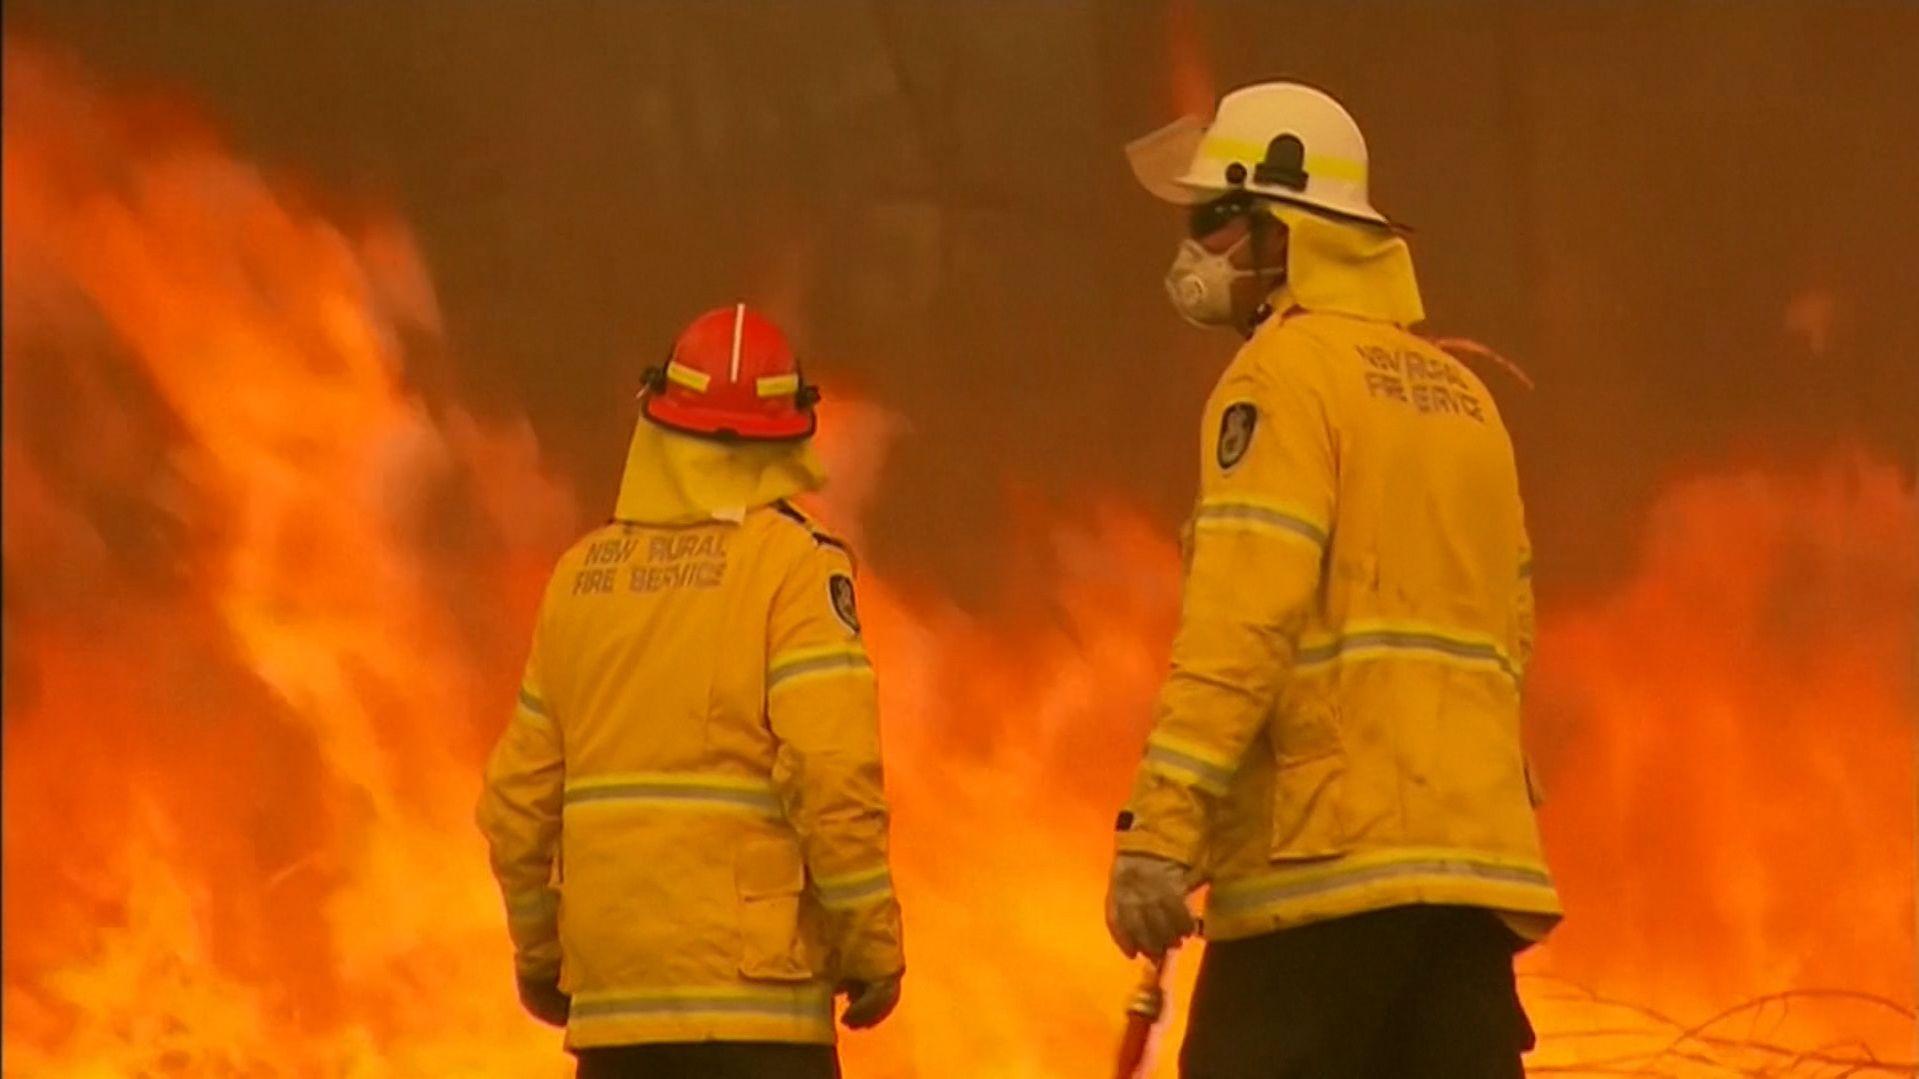 Zwei australische Feuerwehrleute vor einem lodernden Buschfeuer